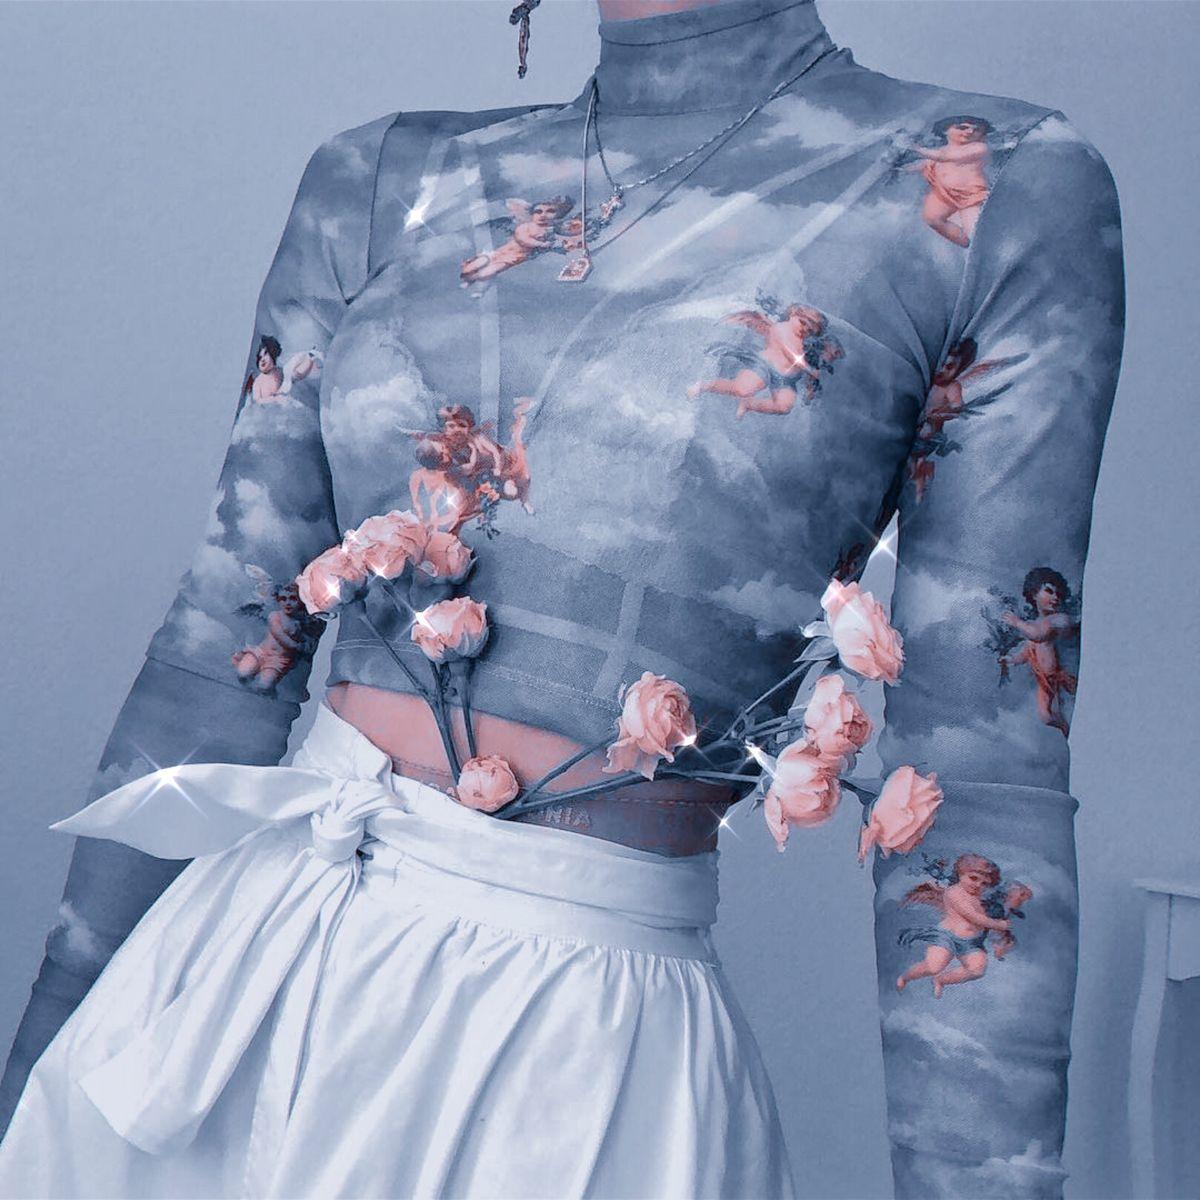 ⌏「 𝐀𝐄𝐒𝐓𝐇𝐄𝐓𝐈𝐂 」⌌ 𝑠𝑒𝑦𝑡𝑎𝑒𝑛 シ in 2020 Fashion, Aesthetic